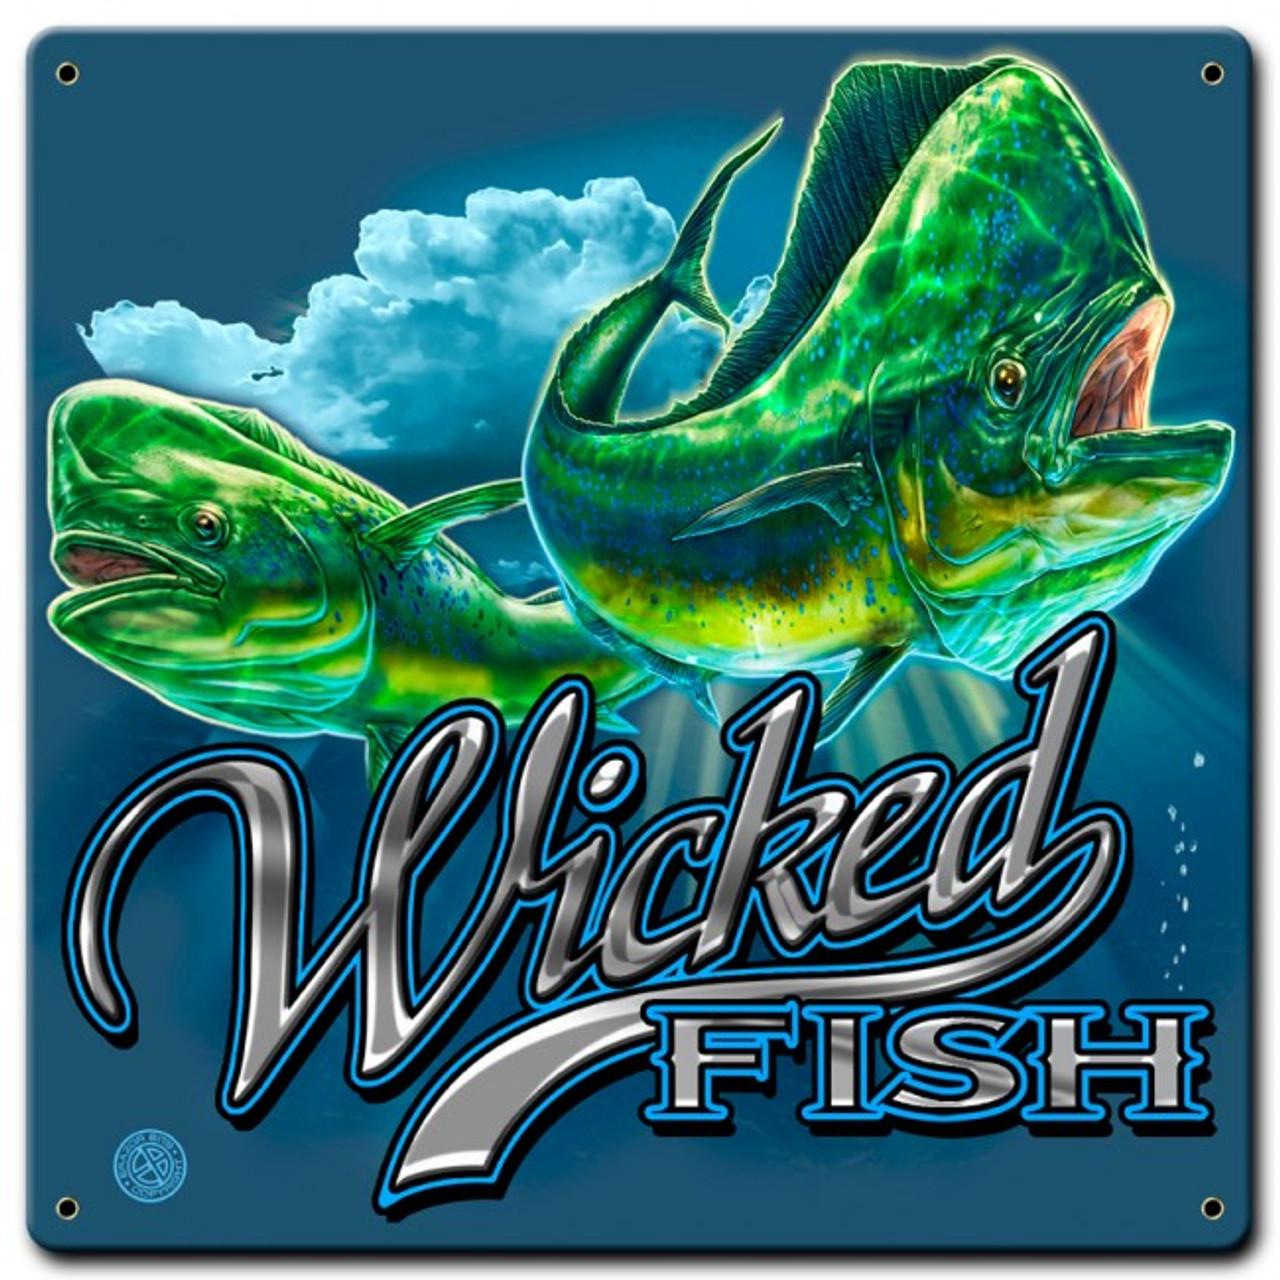 Mahi Mahi Wicked Fish Metal Sign 12 x 12 Inches